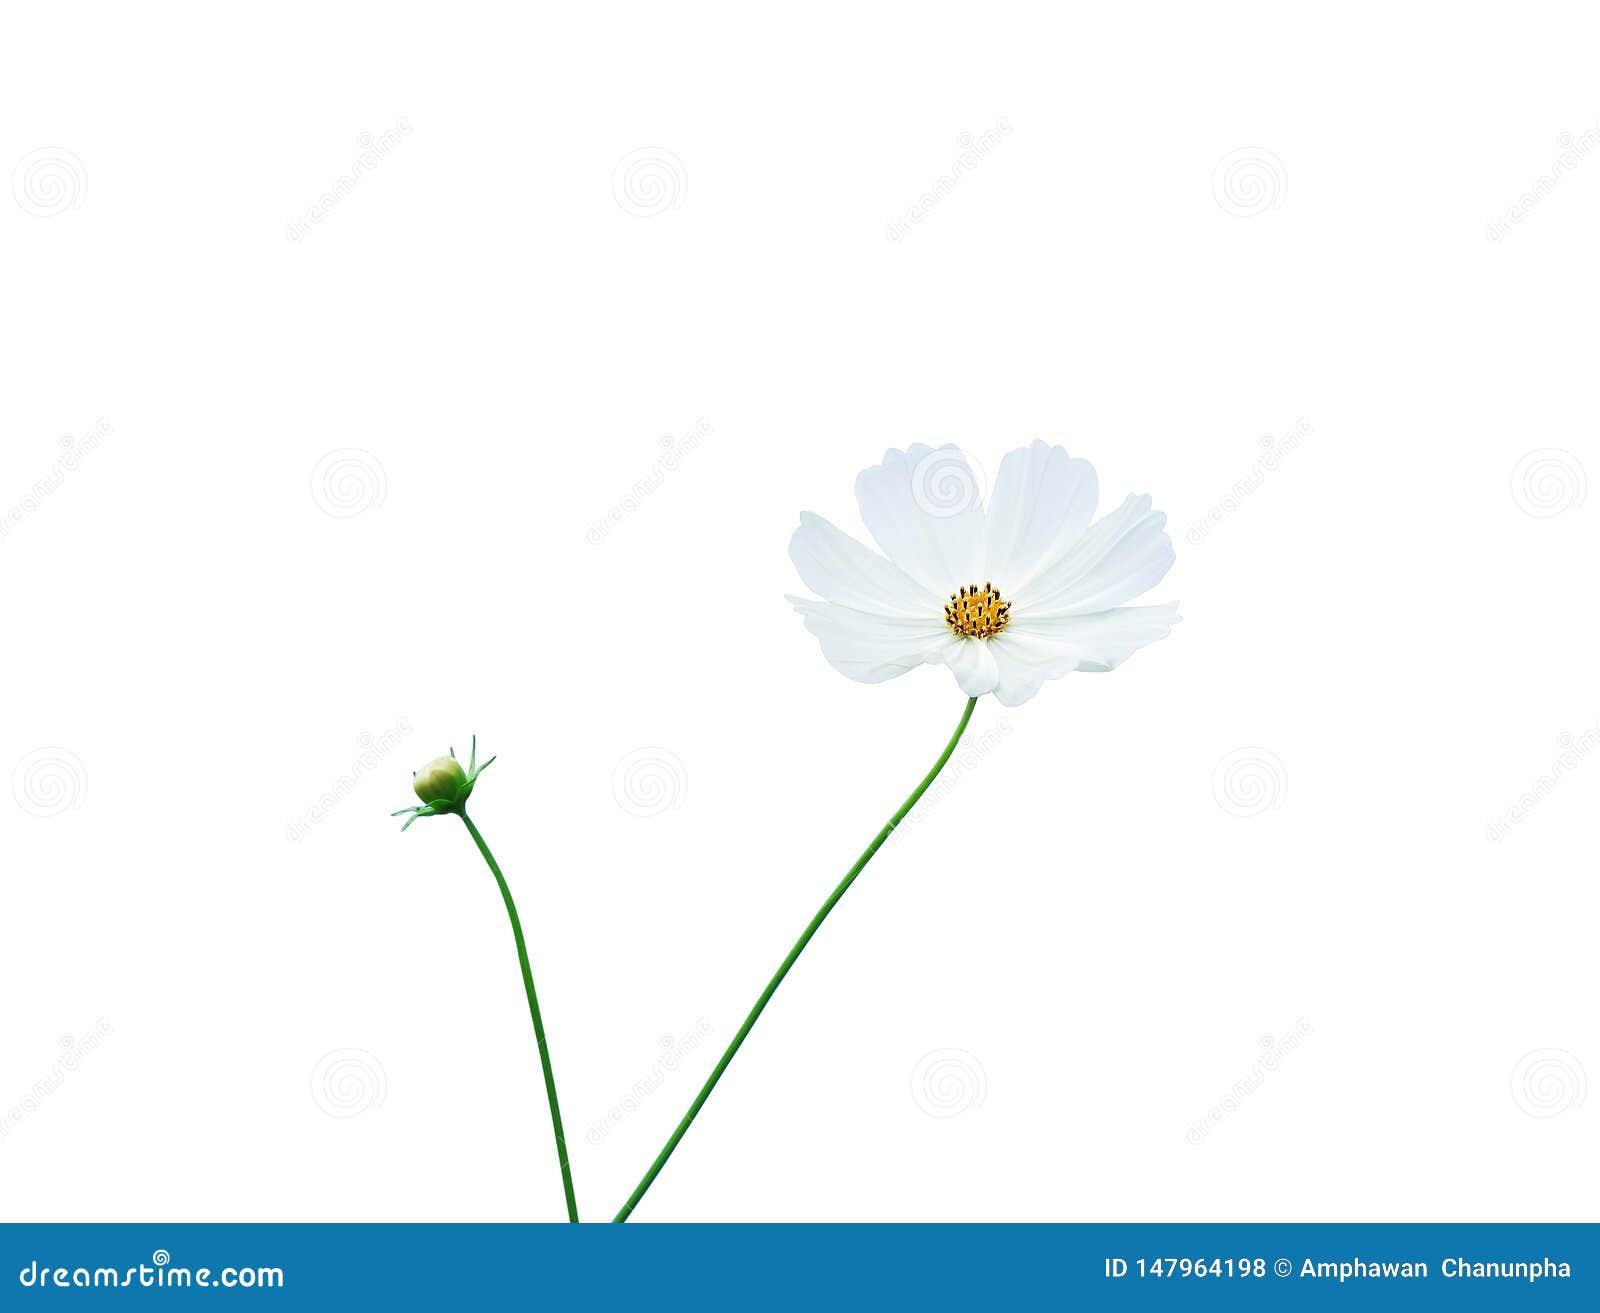 Meksykański aster kwitnie lub biały kosmosu płatek z żółtym pollen wzorem na tle z ścinek ścieżką i zieleń trzon odizolowywający,